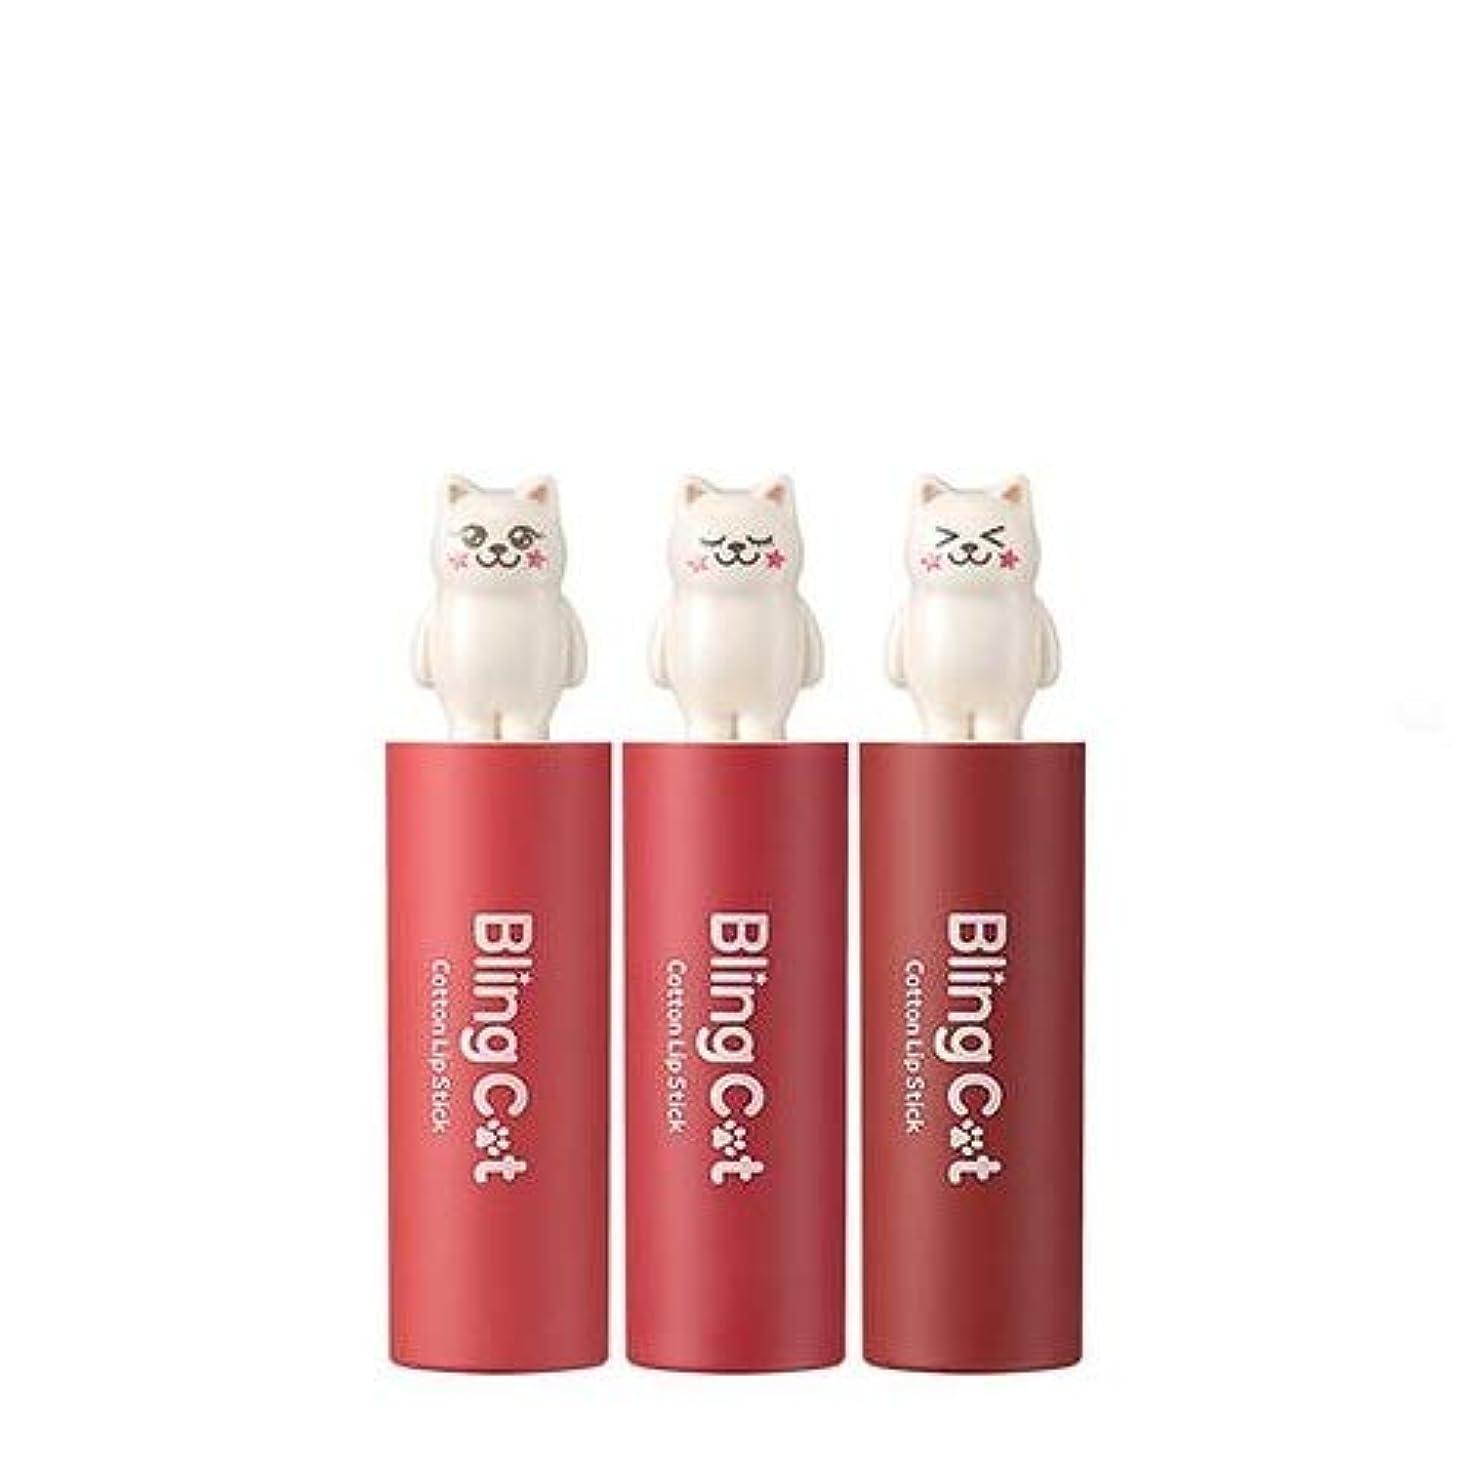 令状バンドル枝トニーモリー ブリングキャット コットン リップスティック 3.4g / TONYMOLY Bling Cat Cotton Lipstick # 10. Black Tea Plum [並行輸入品]